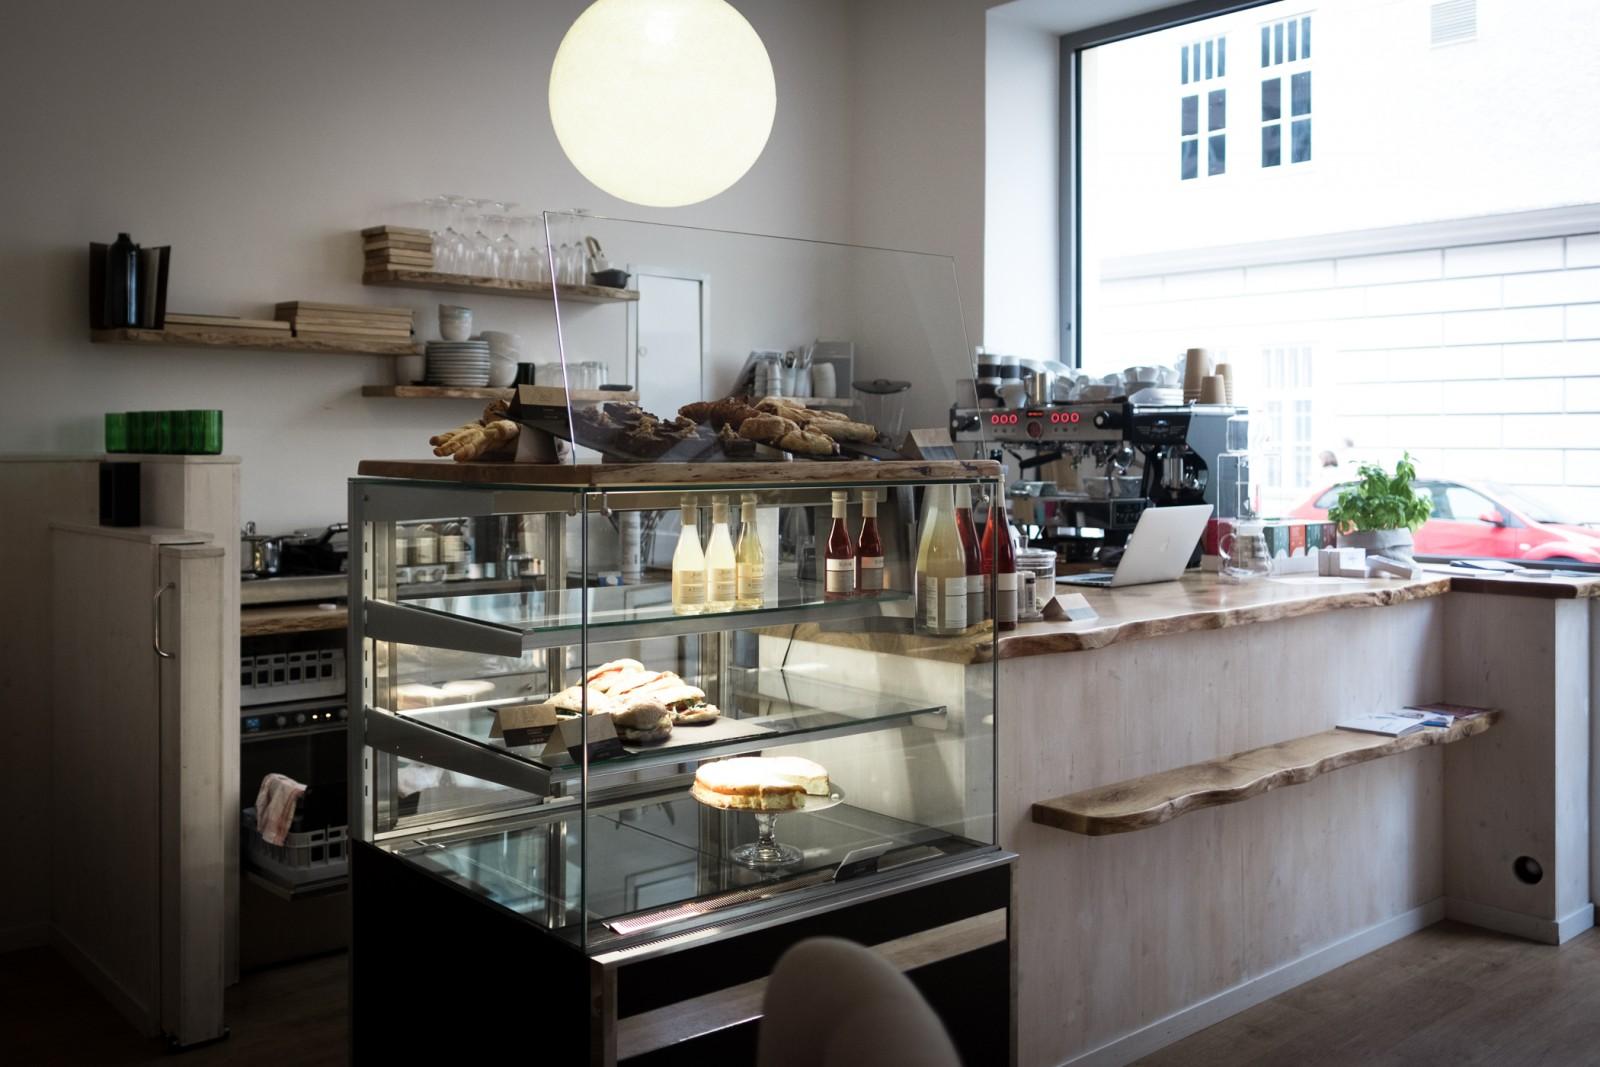 Selbstgemachte Köstlichkeiten, Bio-Kaffee...